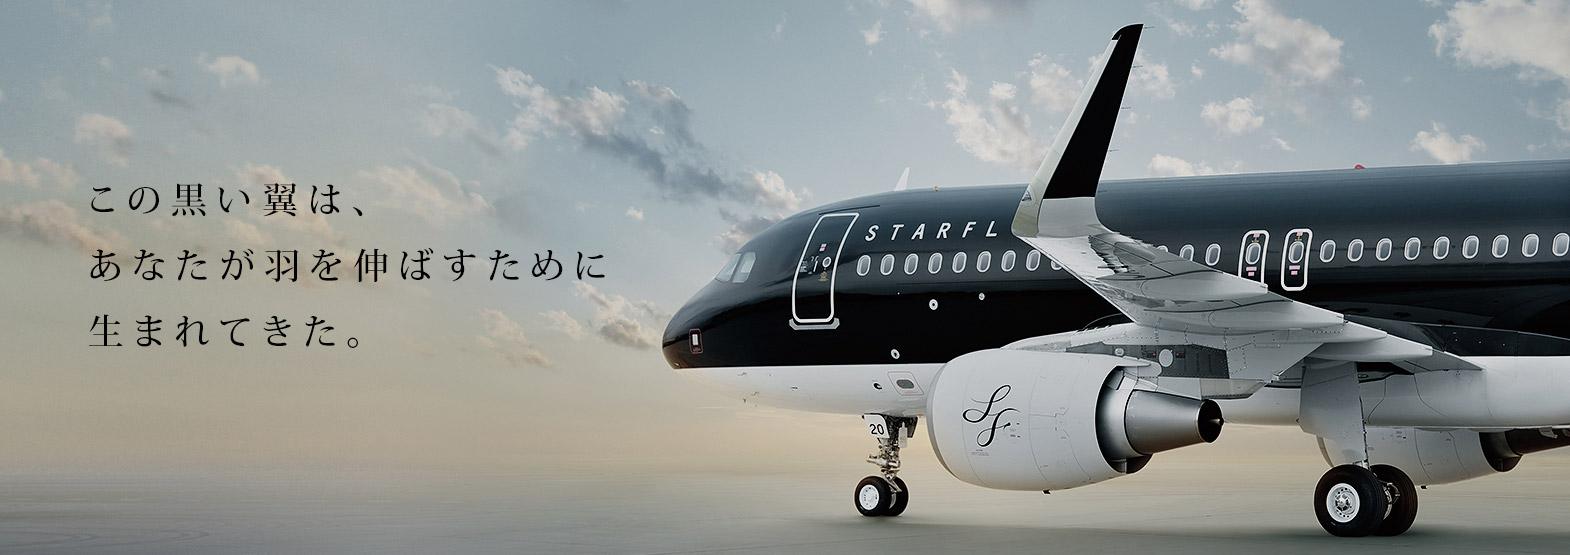 航空会社スターフライヤー(sfj)公式 | 国際線の航空券 予約・空席照会